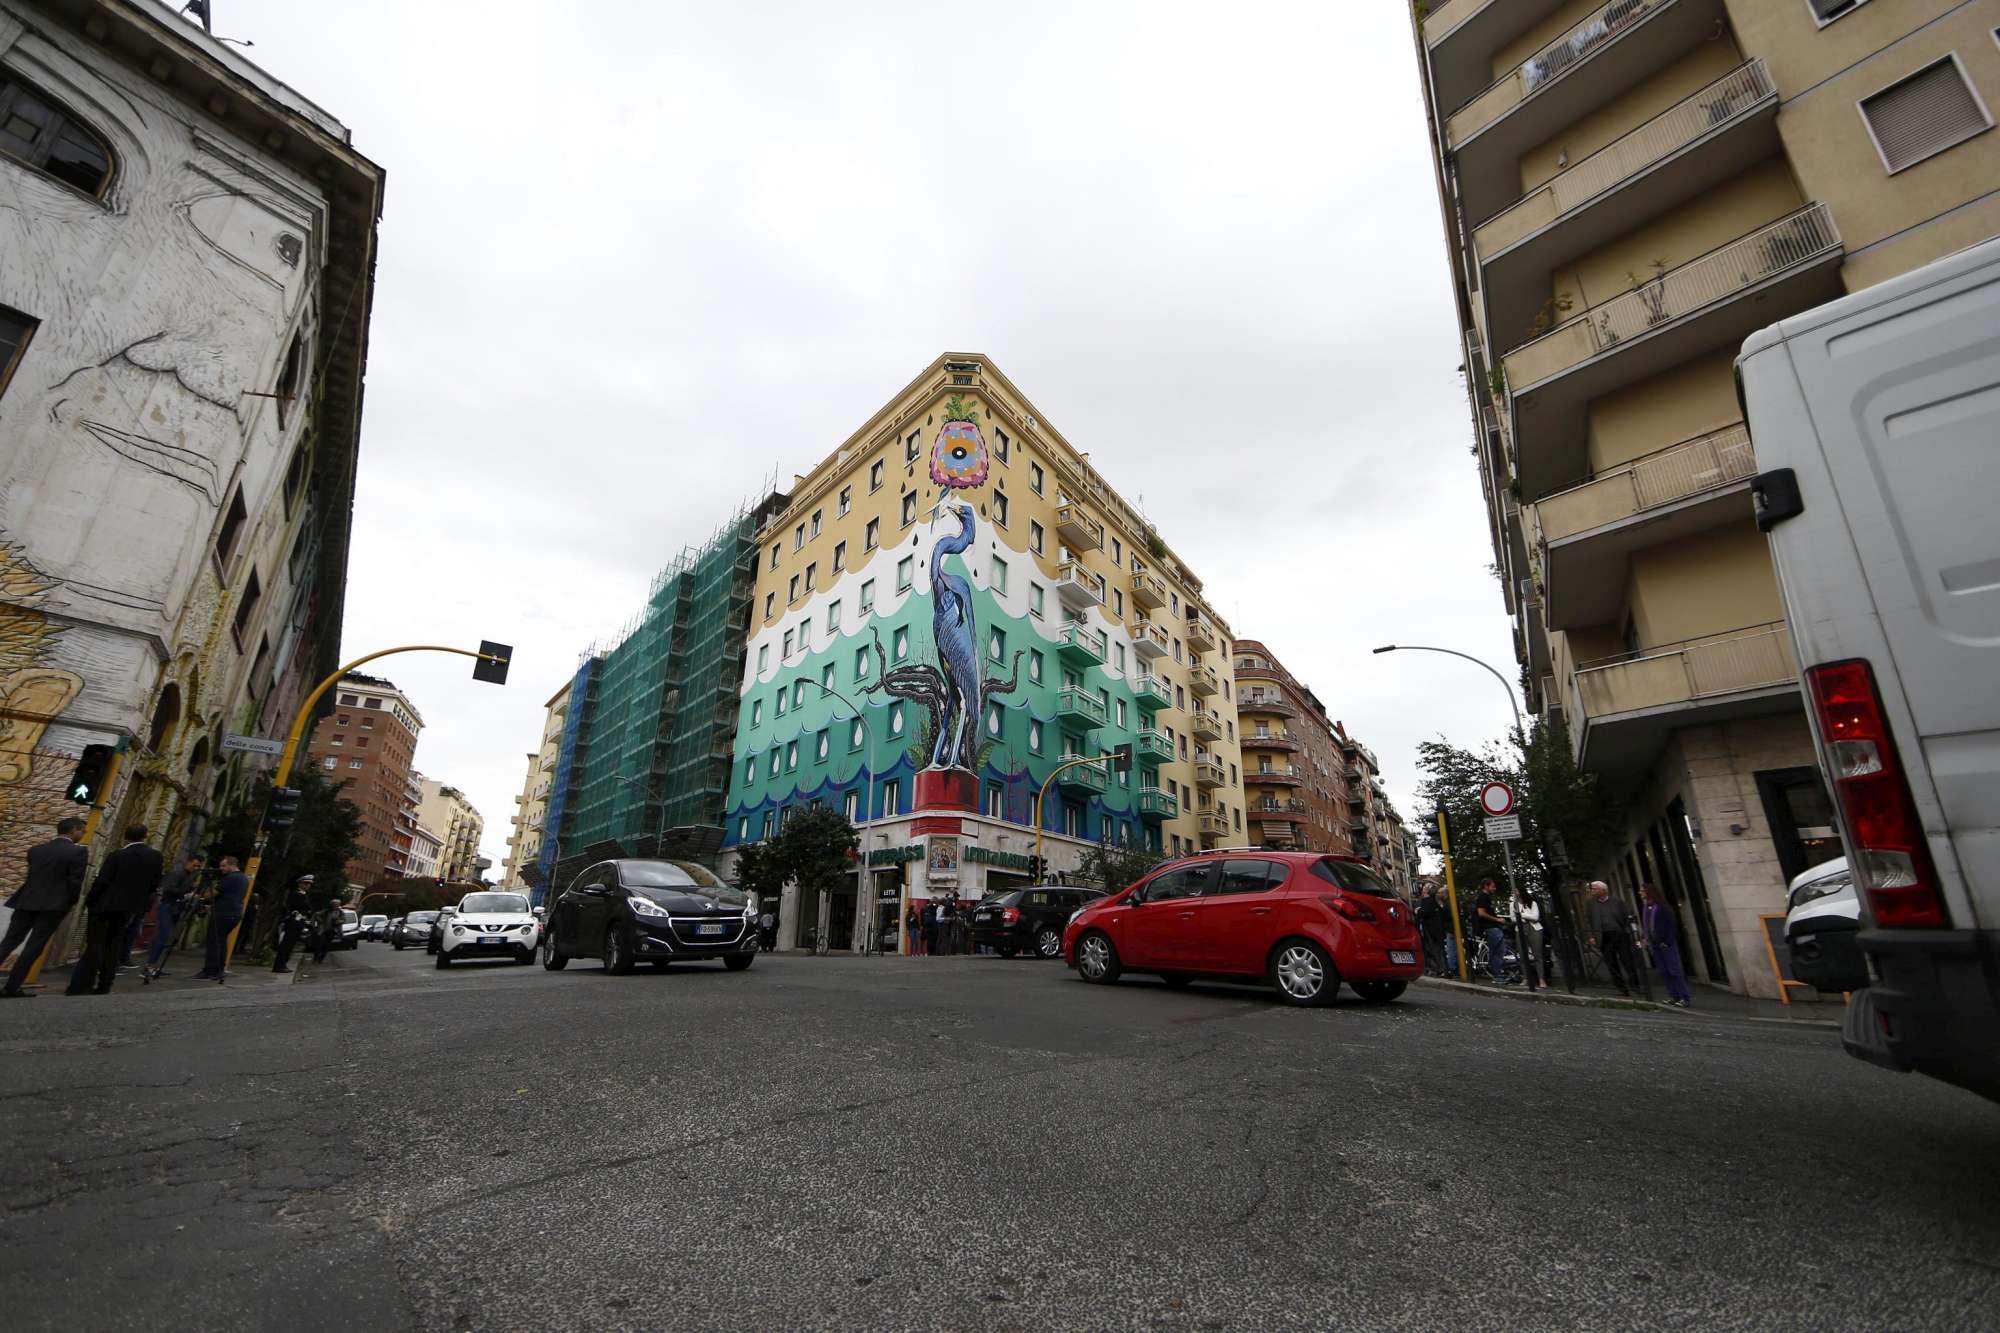 A Roma il murales  mangia-smog  più grande d Europa